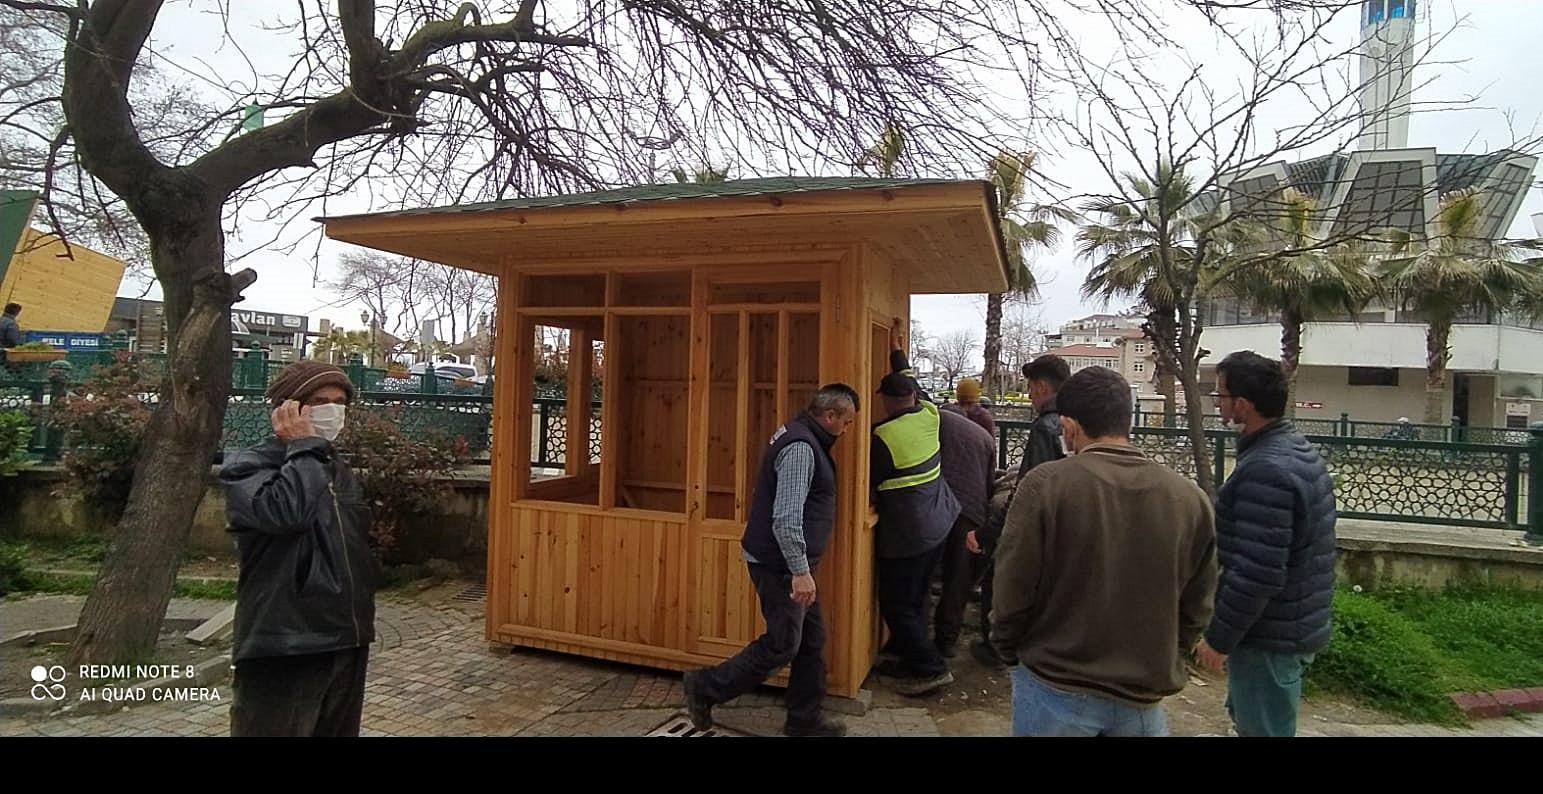 Akçakoca Belediyesinden farklı noktalara 3 adet lostra kabini